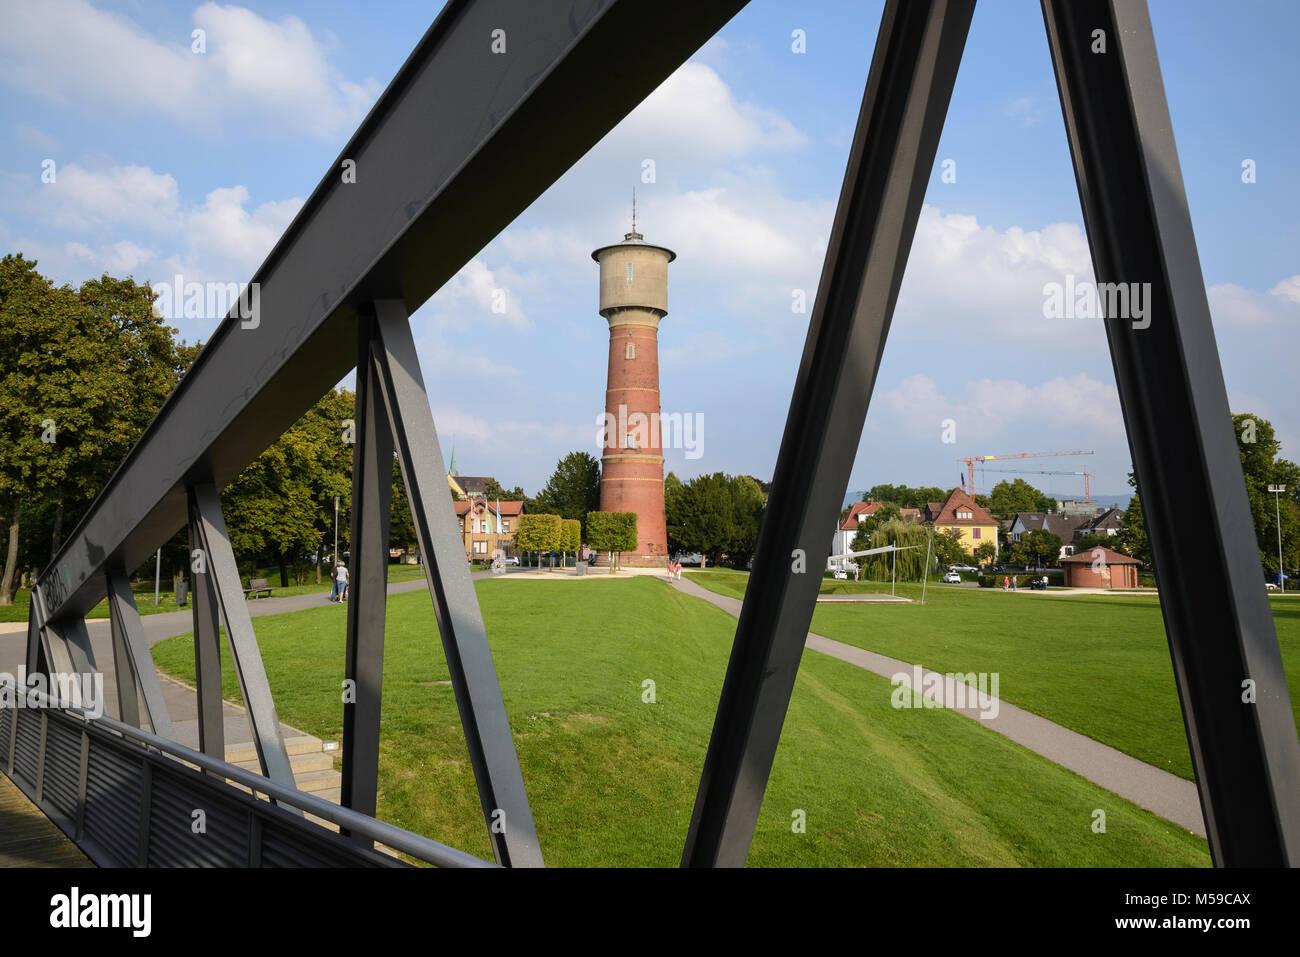 Wasserturm am Neckarufer, Ladenburg, Neckar, Baden-Württemberg, Deutschland - Stock Image